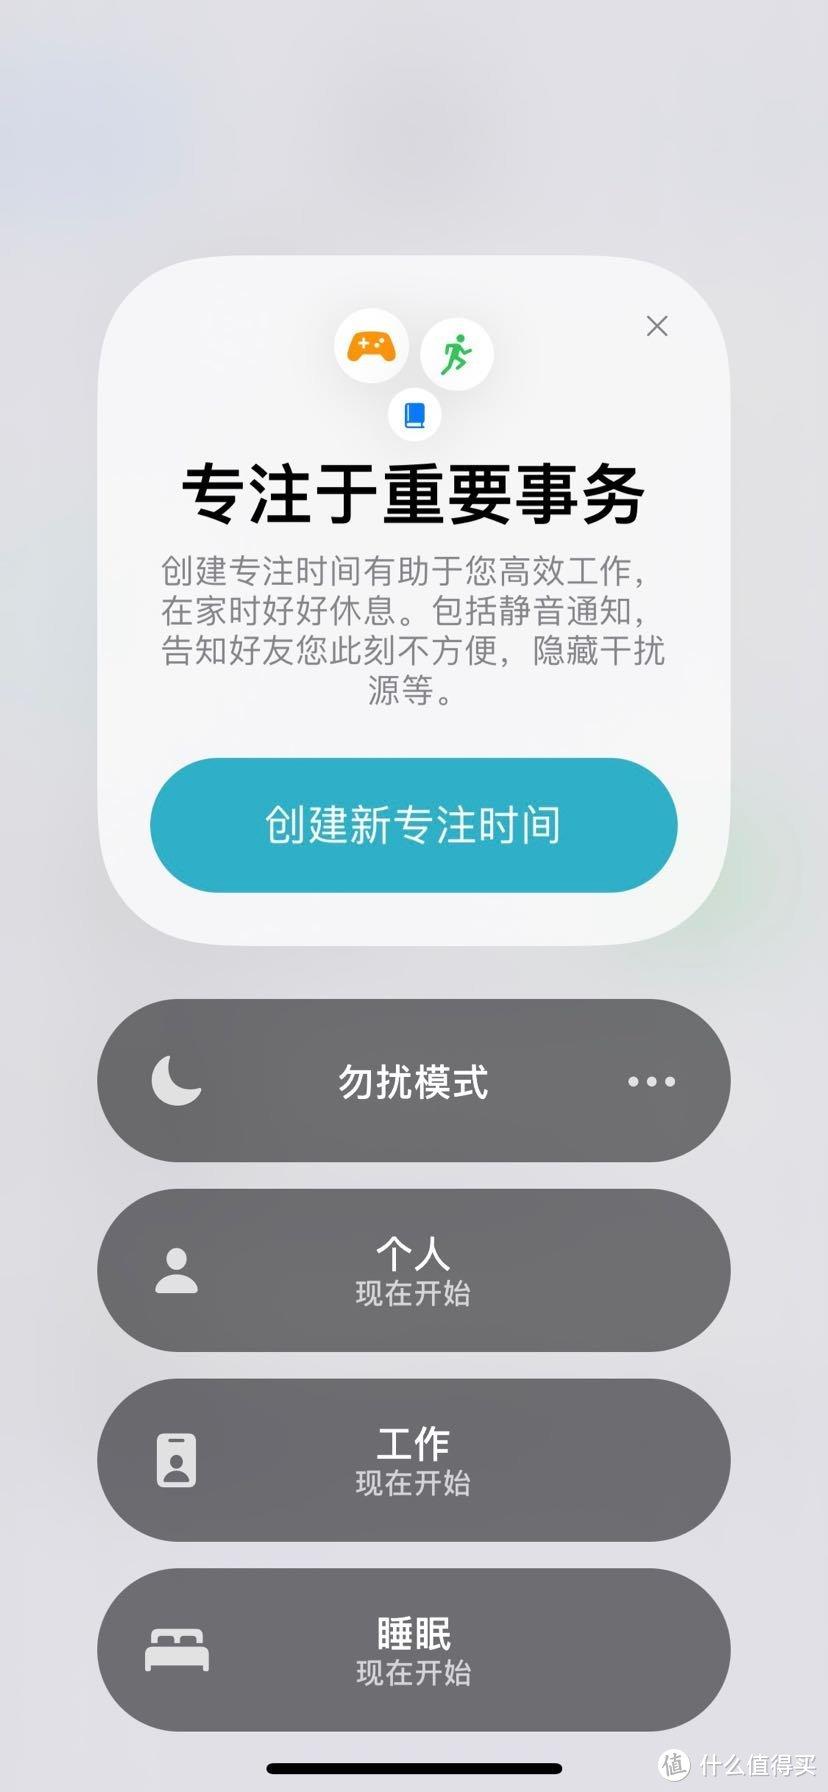 这个UI设计我觉得看起来还是很舒服的